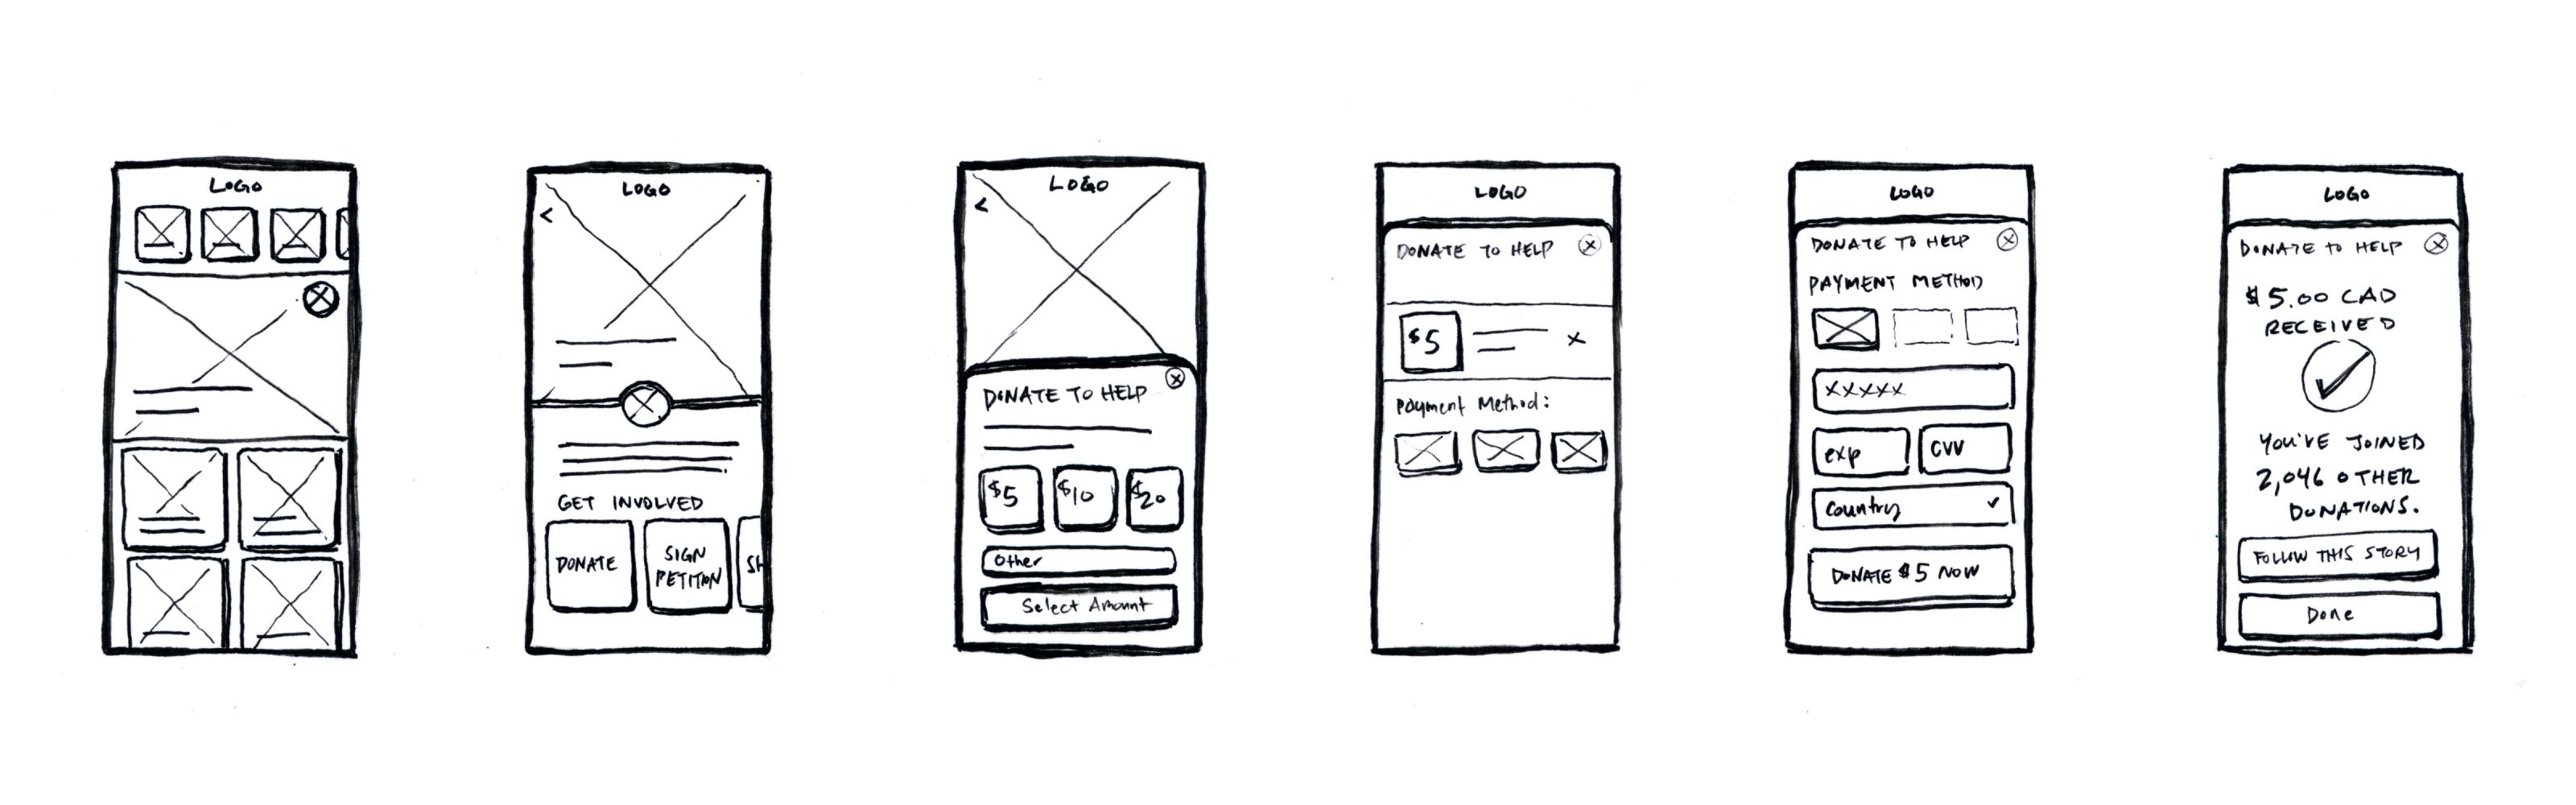 Capstone_TaskFlow_Version1_sketches